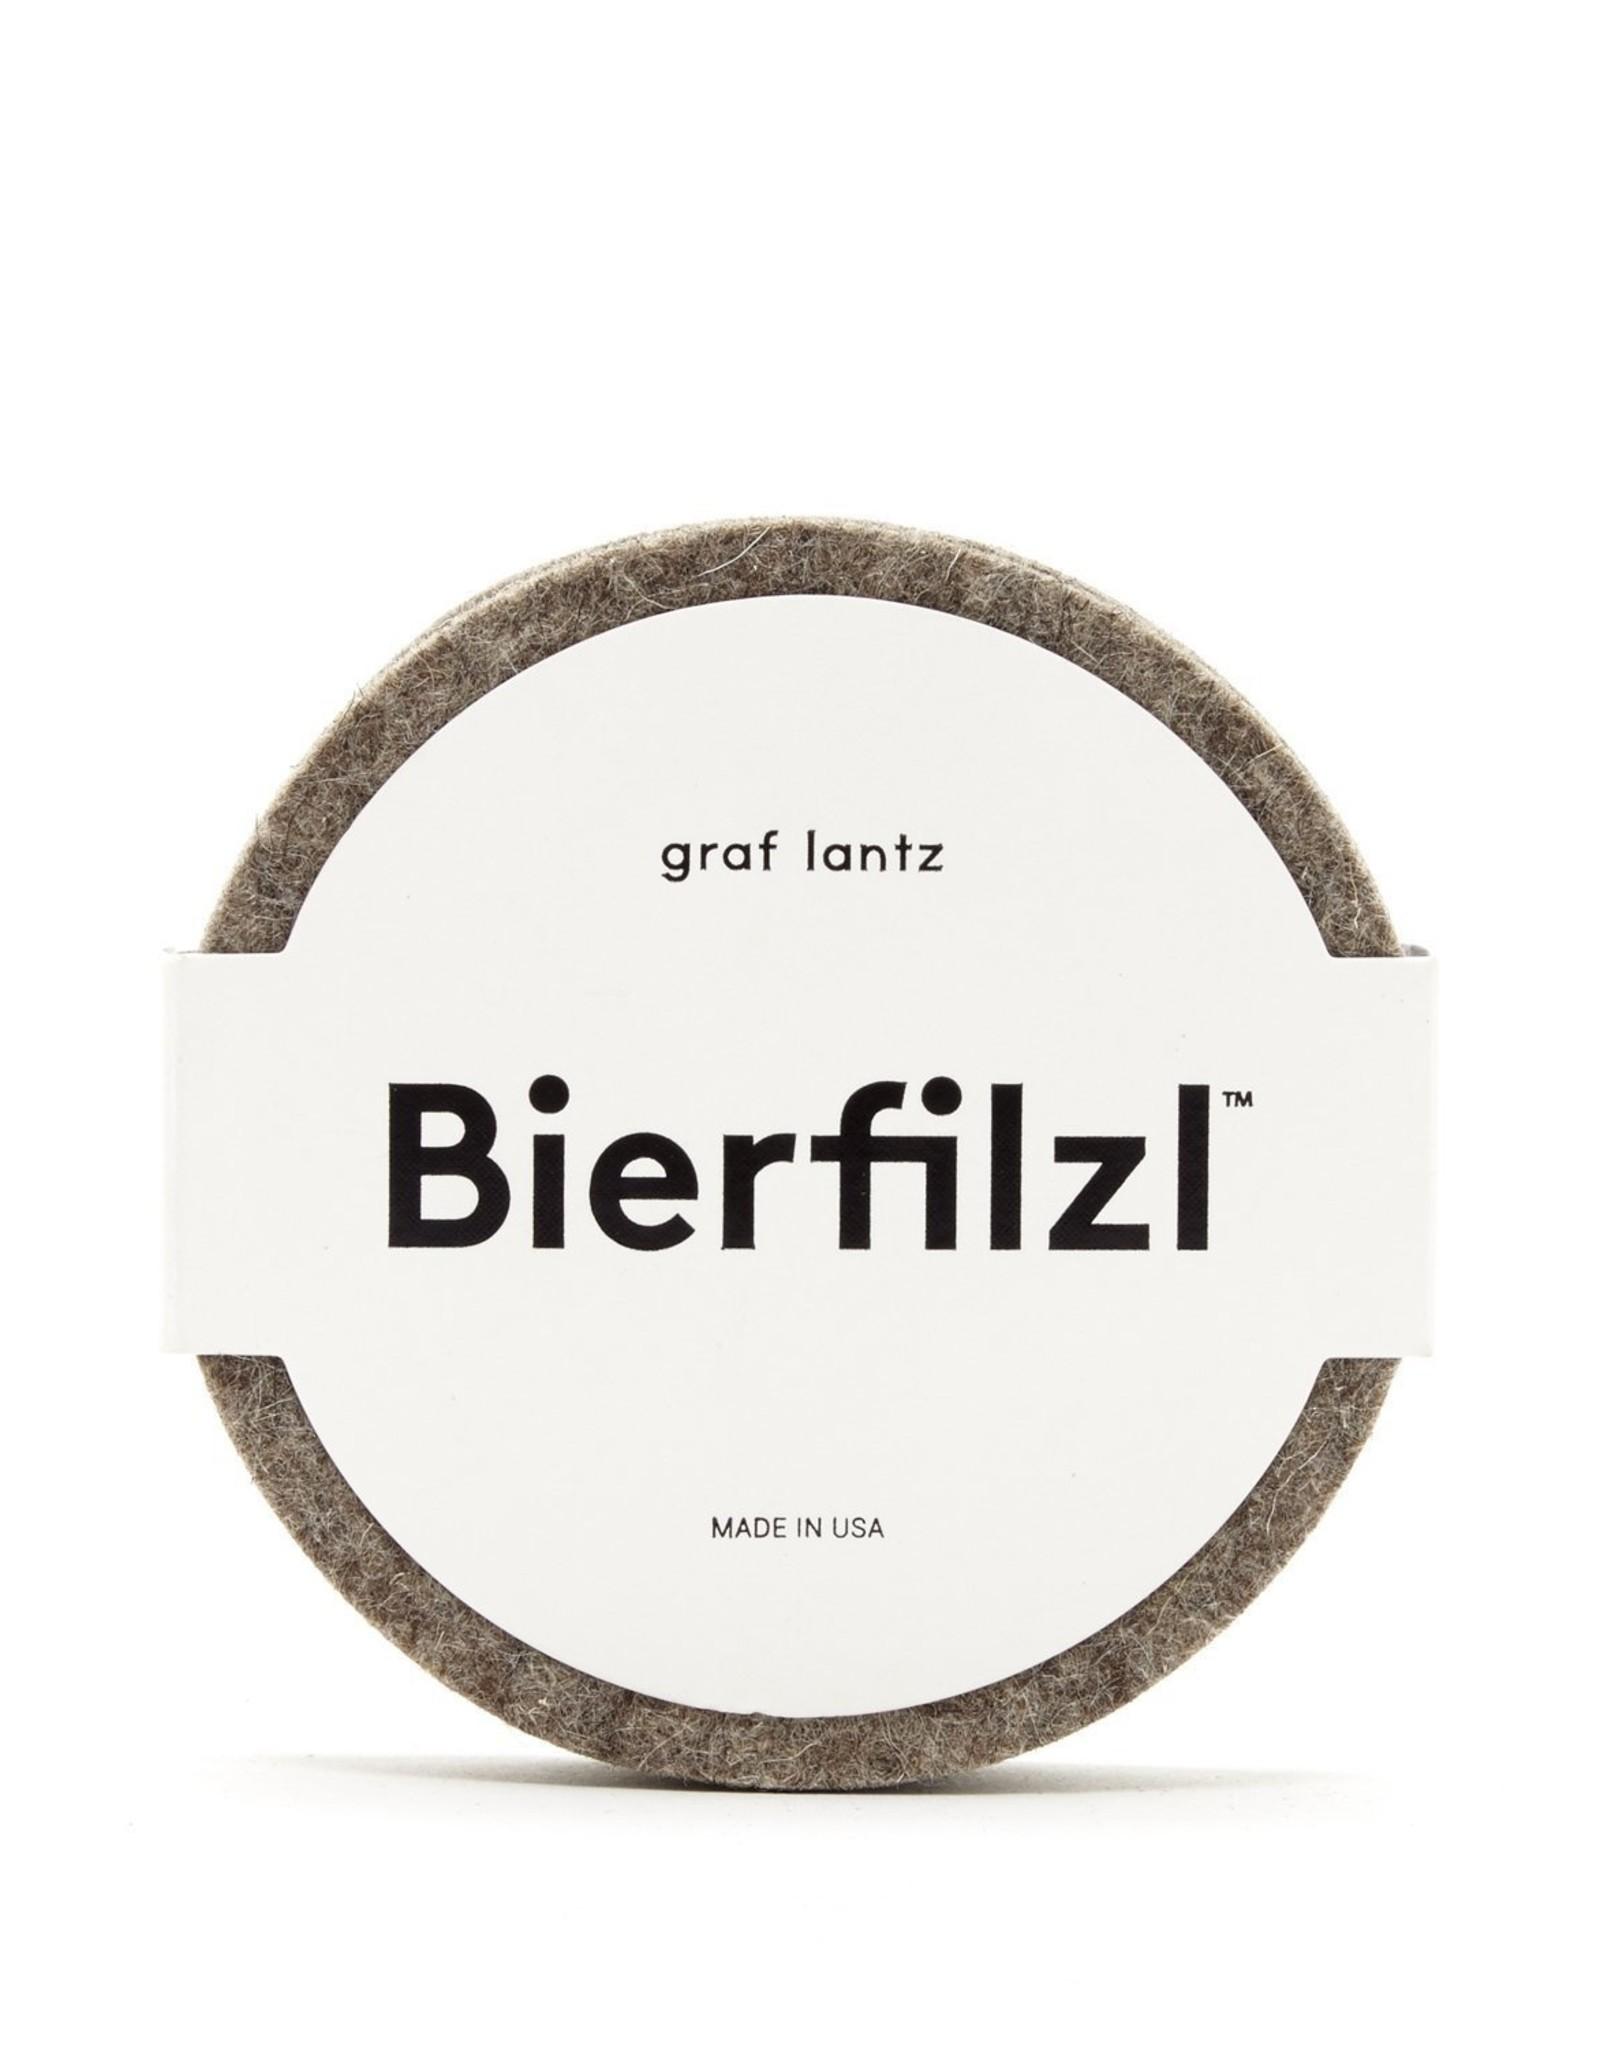 Graf&Lantz Bierfilzl Round Felt Coaster 4 Pack - Earth